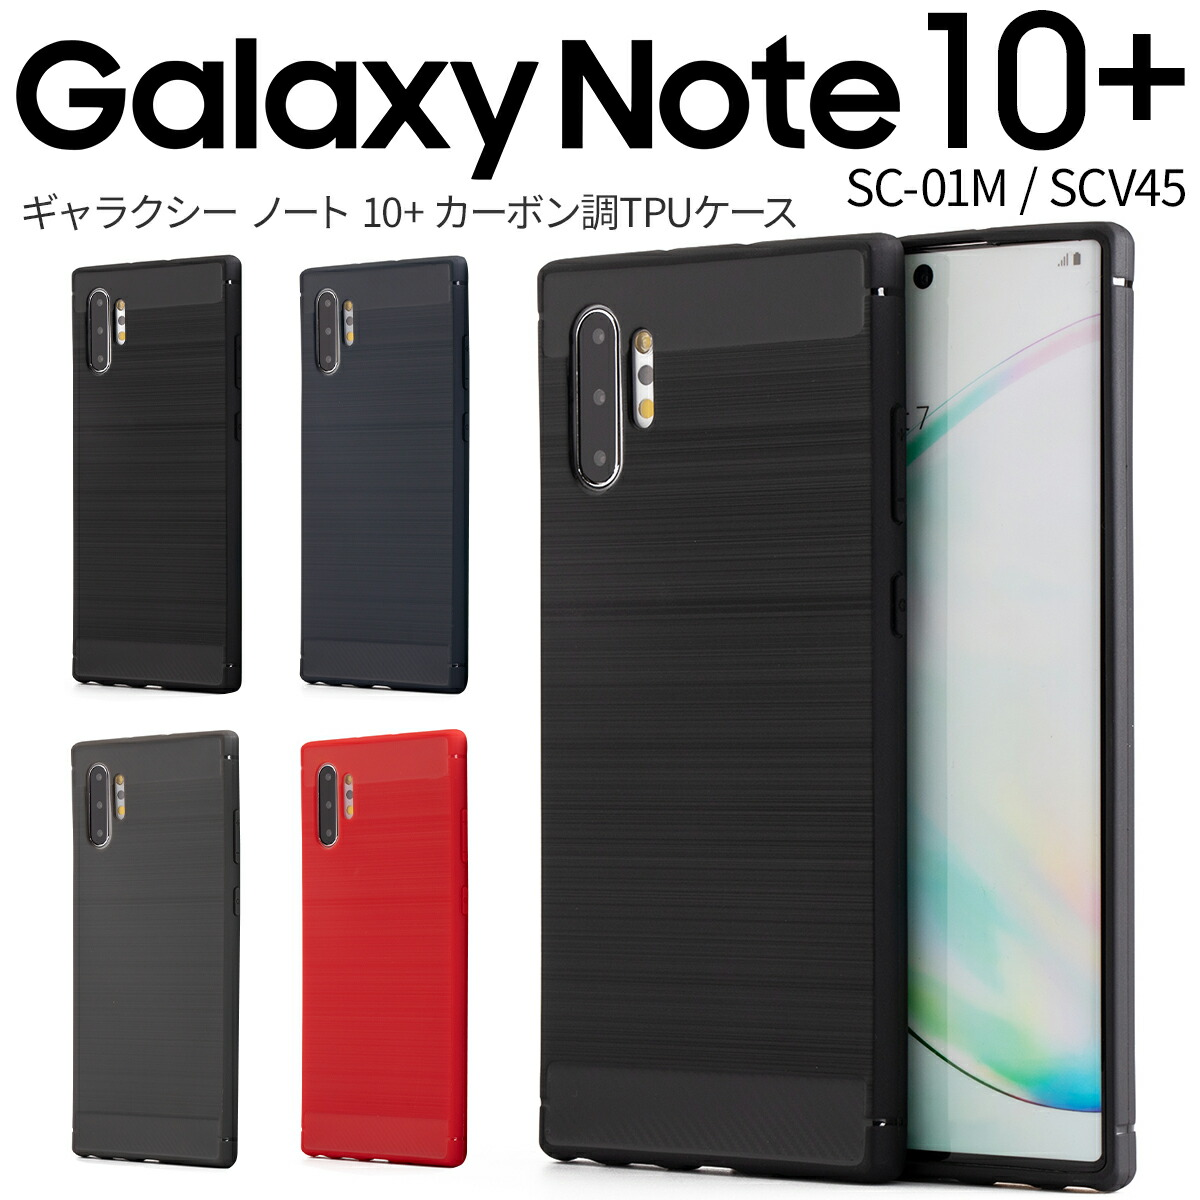 メール便送料無料 Galaxy Note10+ SC-01M SCV45 カーボン調TPUケース スマホケース 韓国 スマホ ギャラクシー 人気 休日 おしゃれ おすすめ ケース かっこいい 数量限定アウトレット最安価格 ノート10プラス カバー